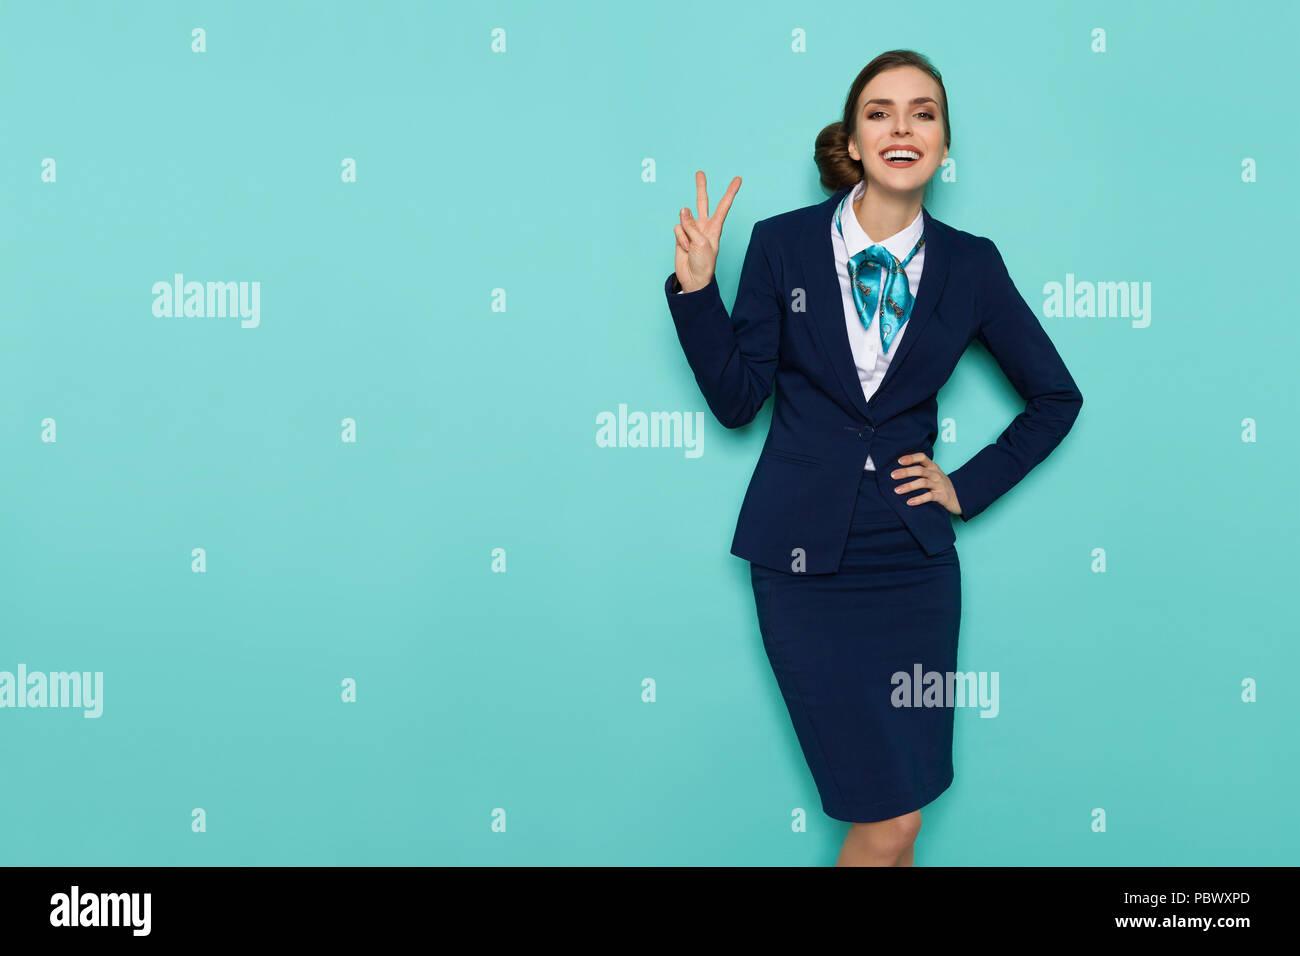 Hostess sorridente in blu abbigliamento formale è che mostra la pace segno a mano e guardando la fotocamera. Tre quarti di lunghezza studio shot su sfondo turchese. Immagini Stock